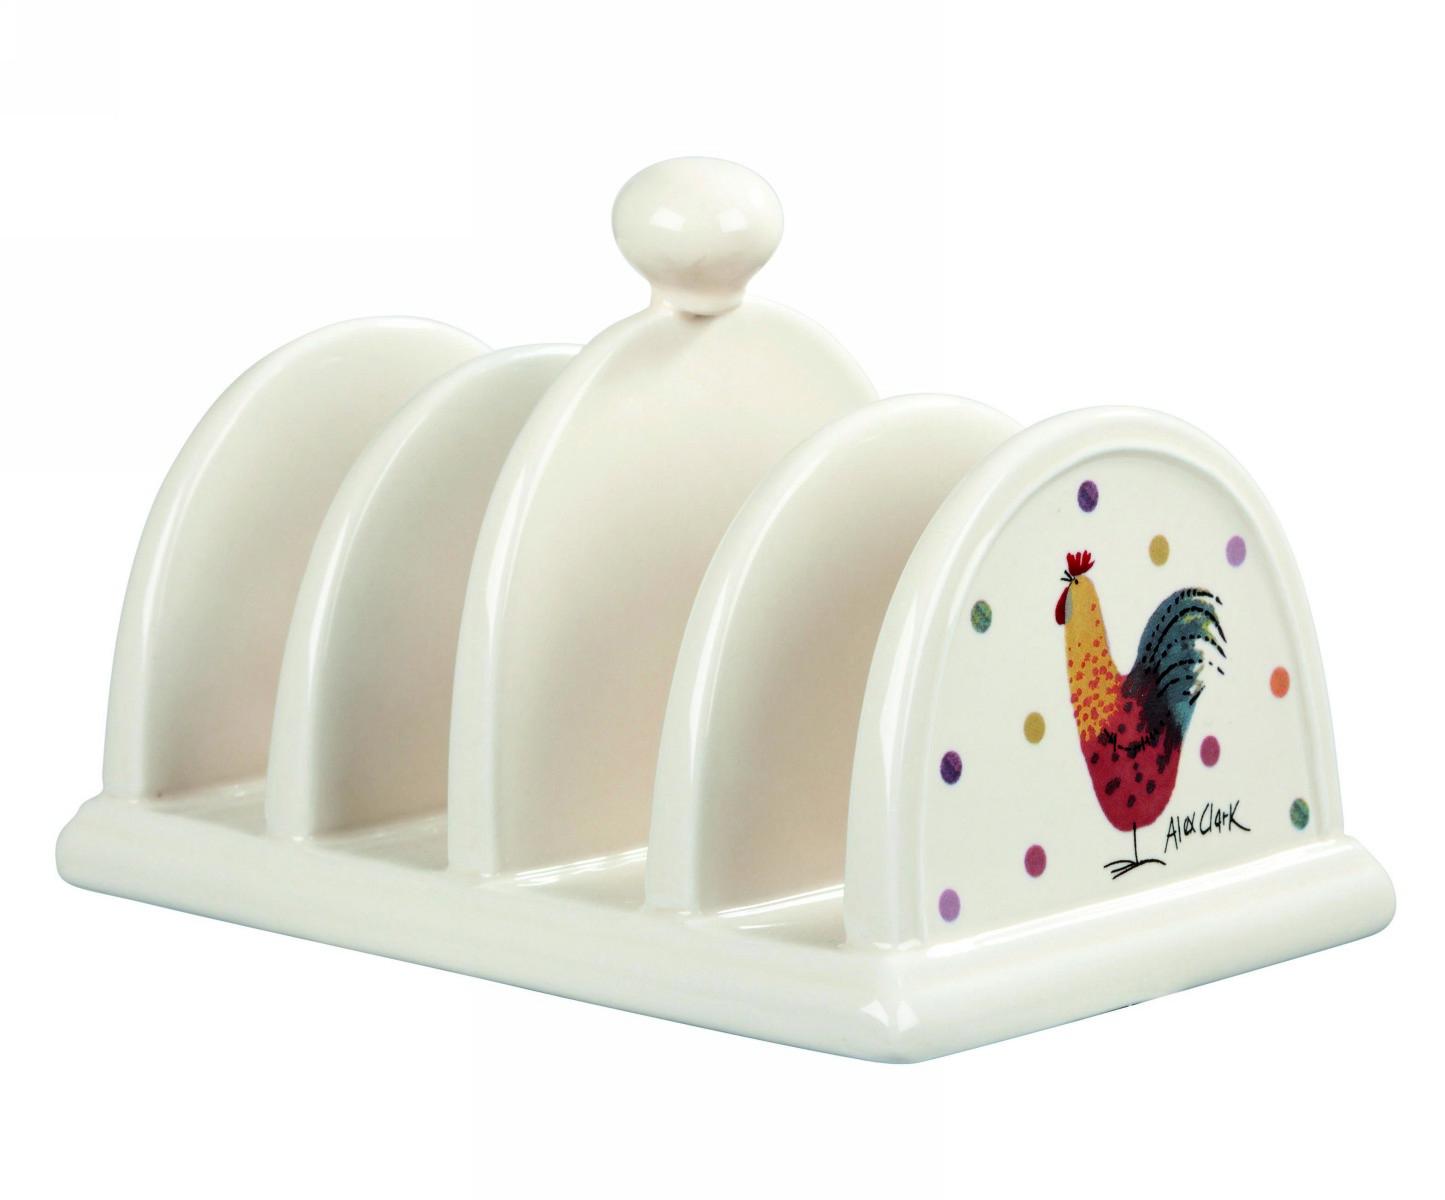 Подставка для тостов 16 х 10,5 х 10,5 см, Churchill Петухи от Алекс Кларк